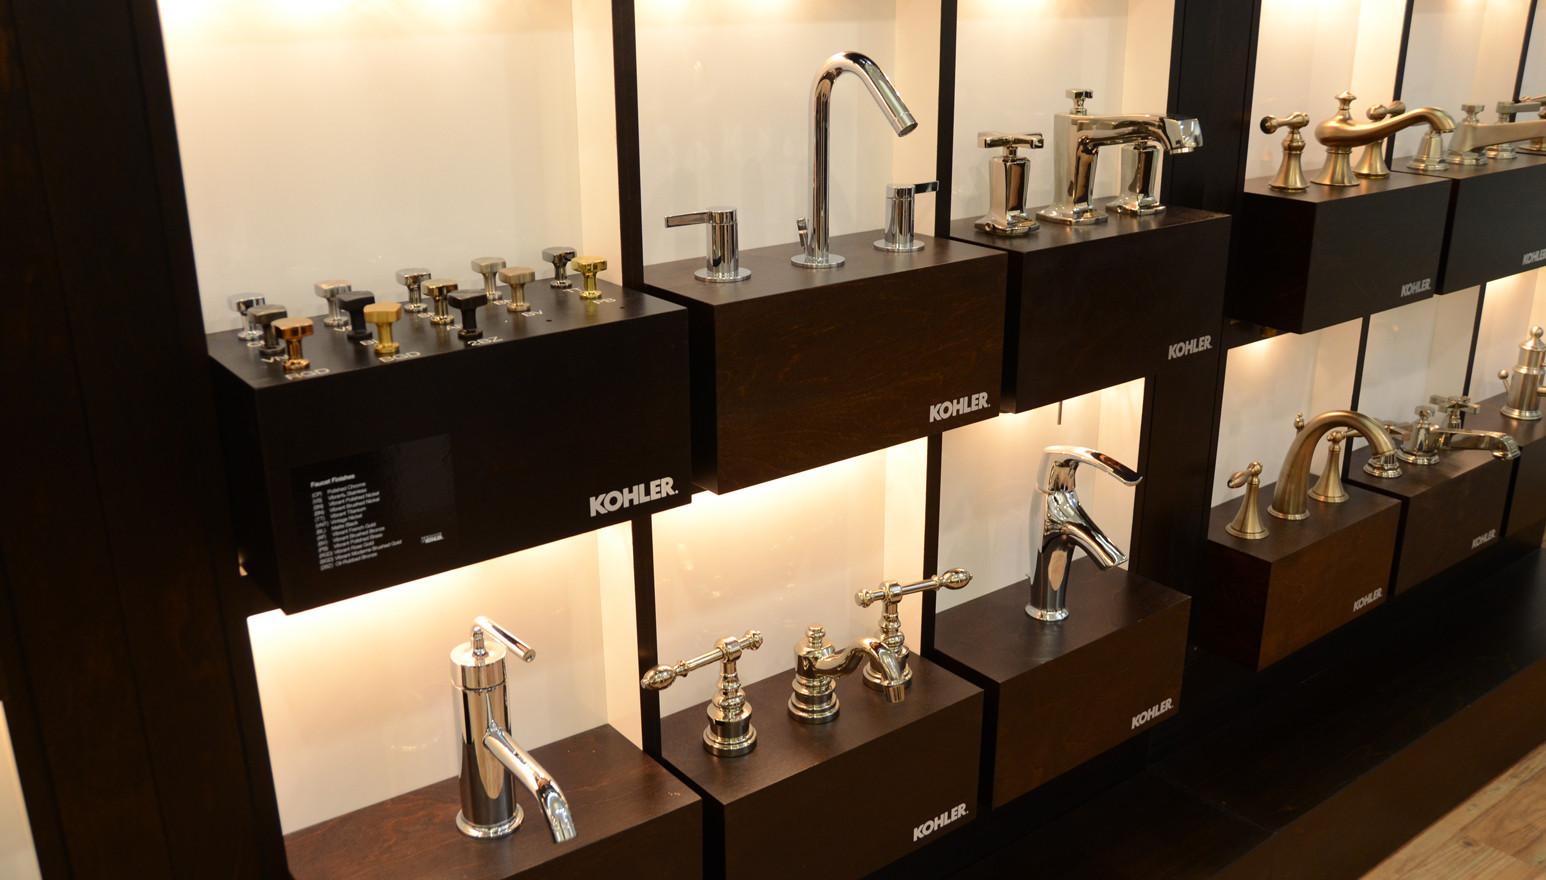 Kohler Bath Faucets